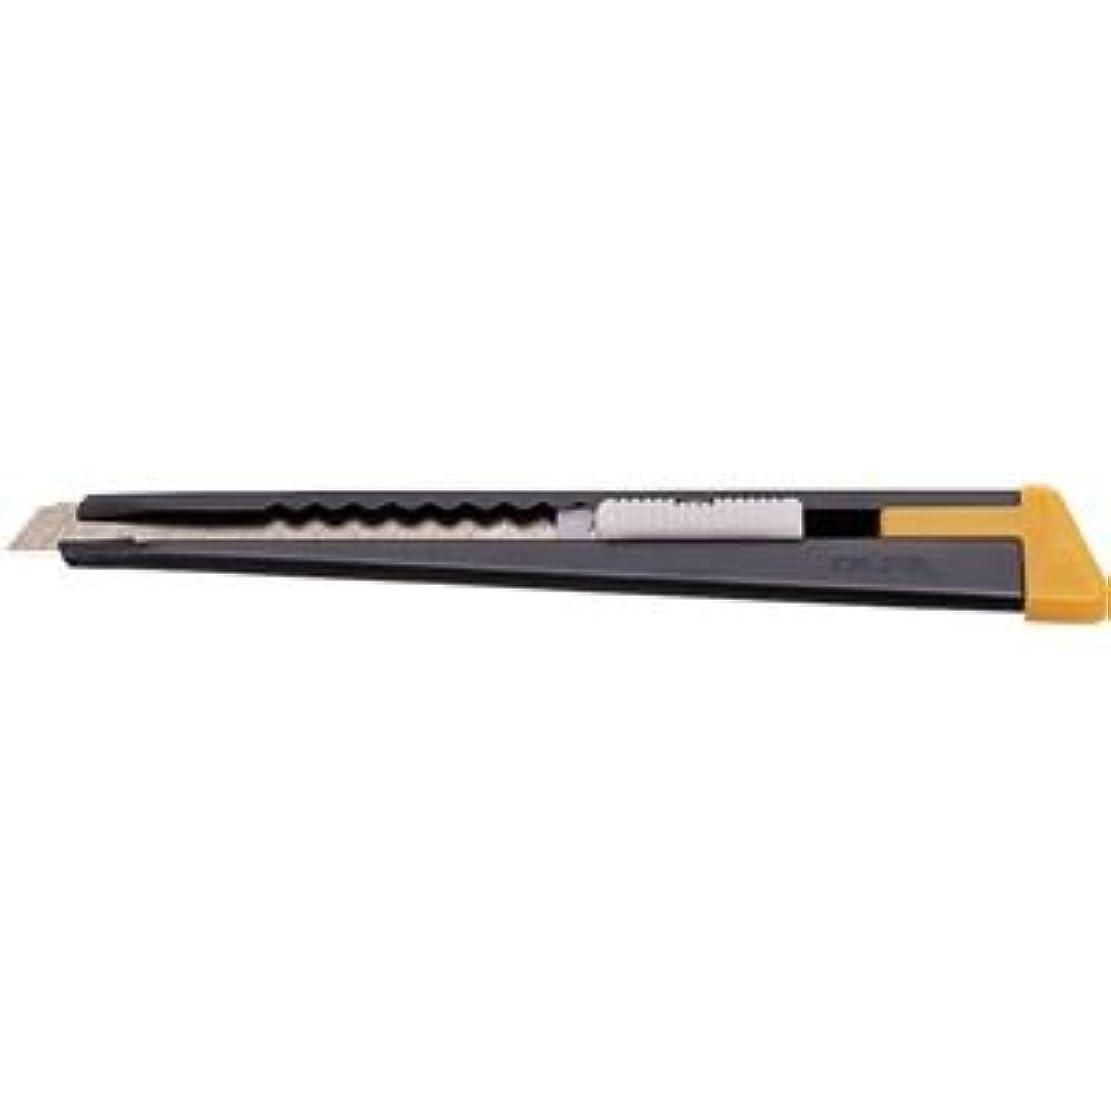 (まとめ)アーテック 金属柄 カッターナイフ オルファブラック2B 【×30セット】